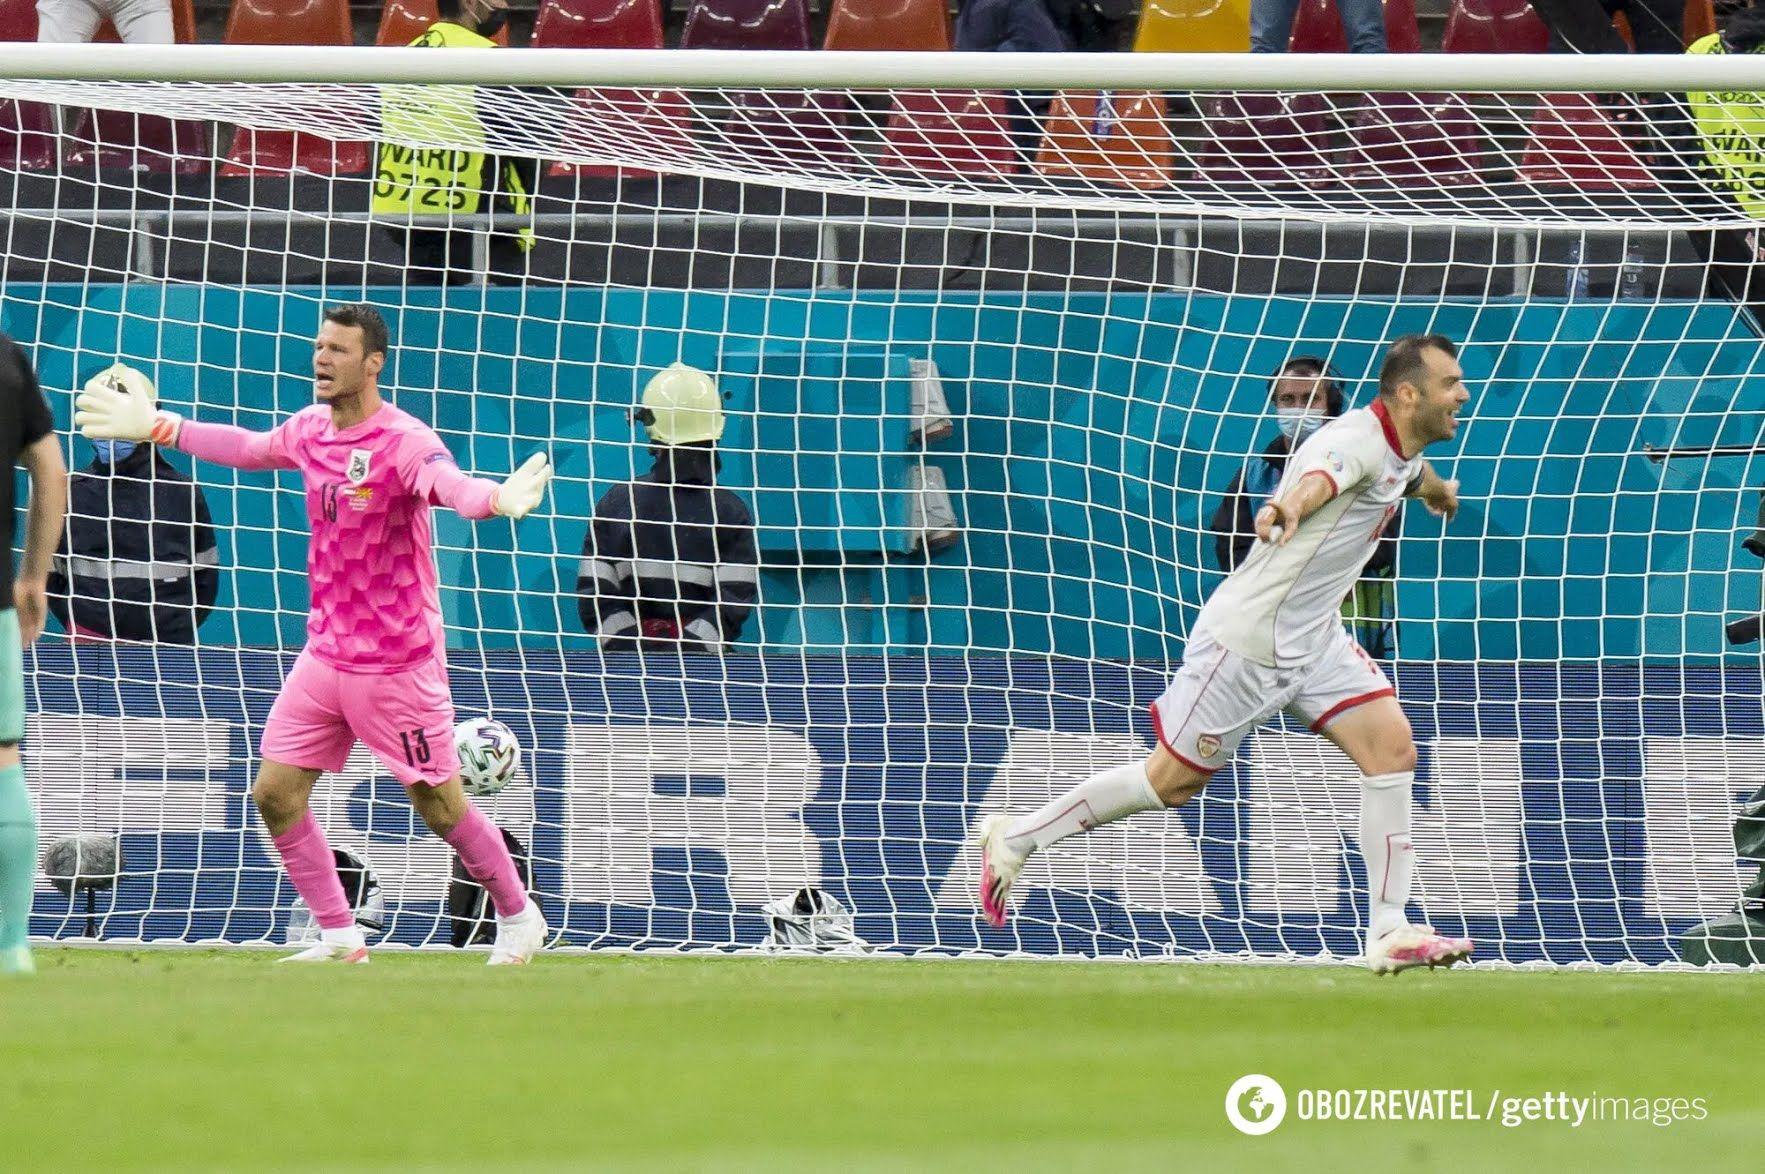 Пандєв забив в стартовому матчі Євро-2020.